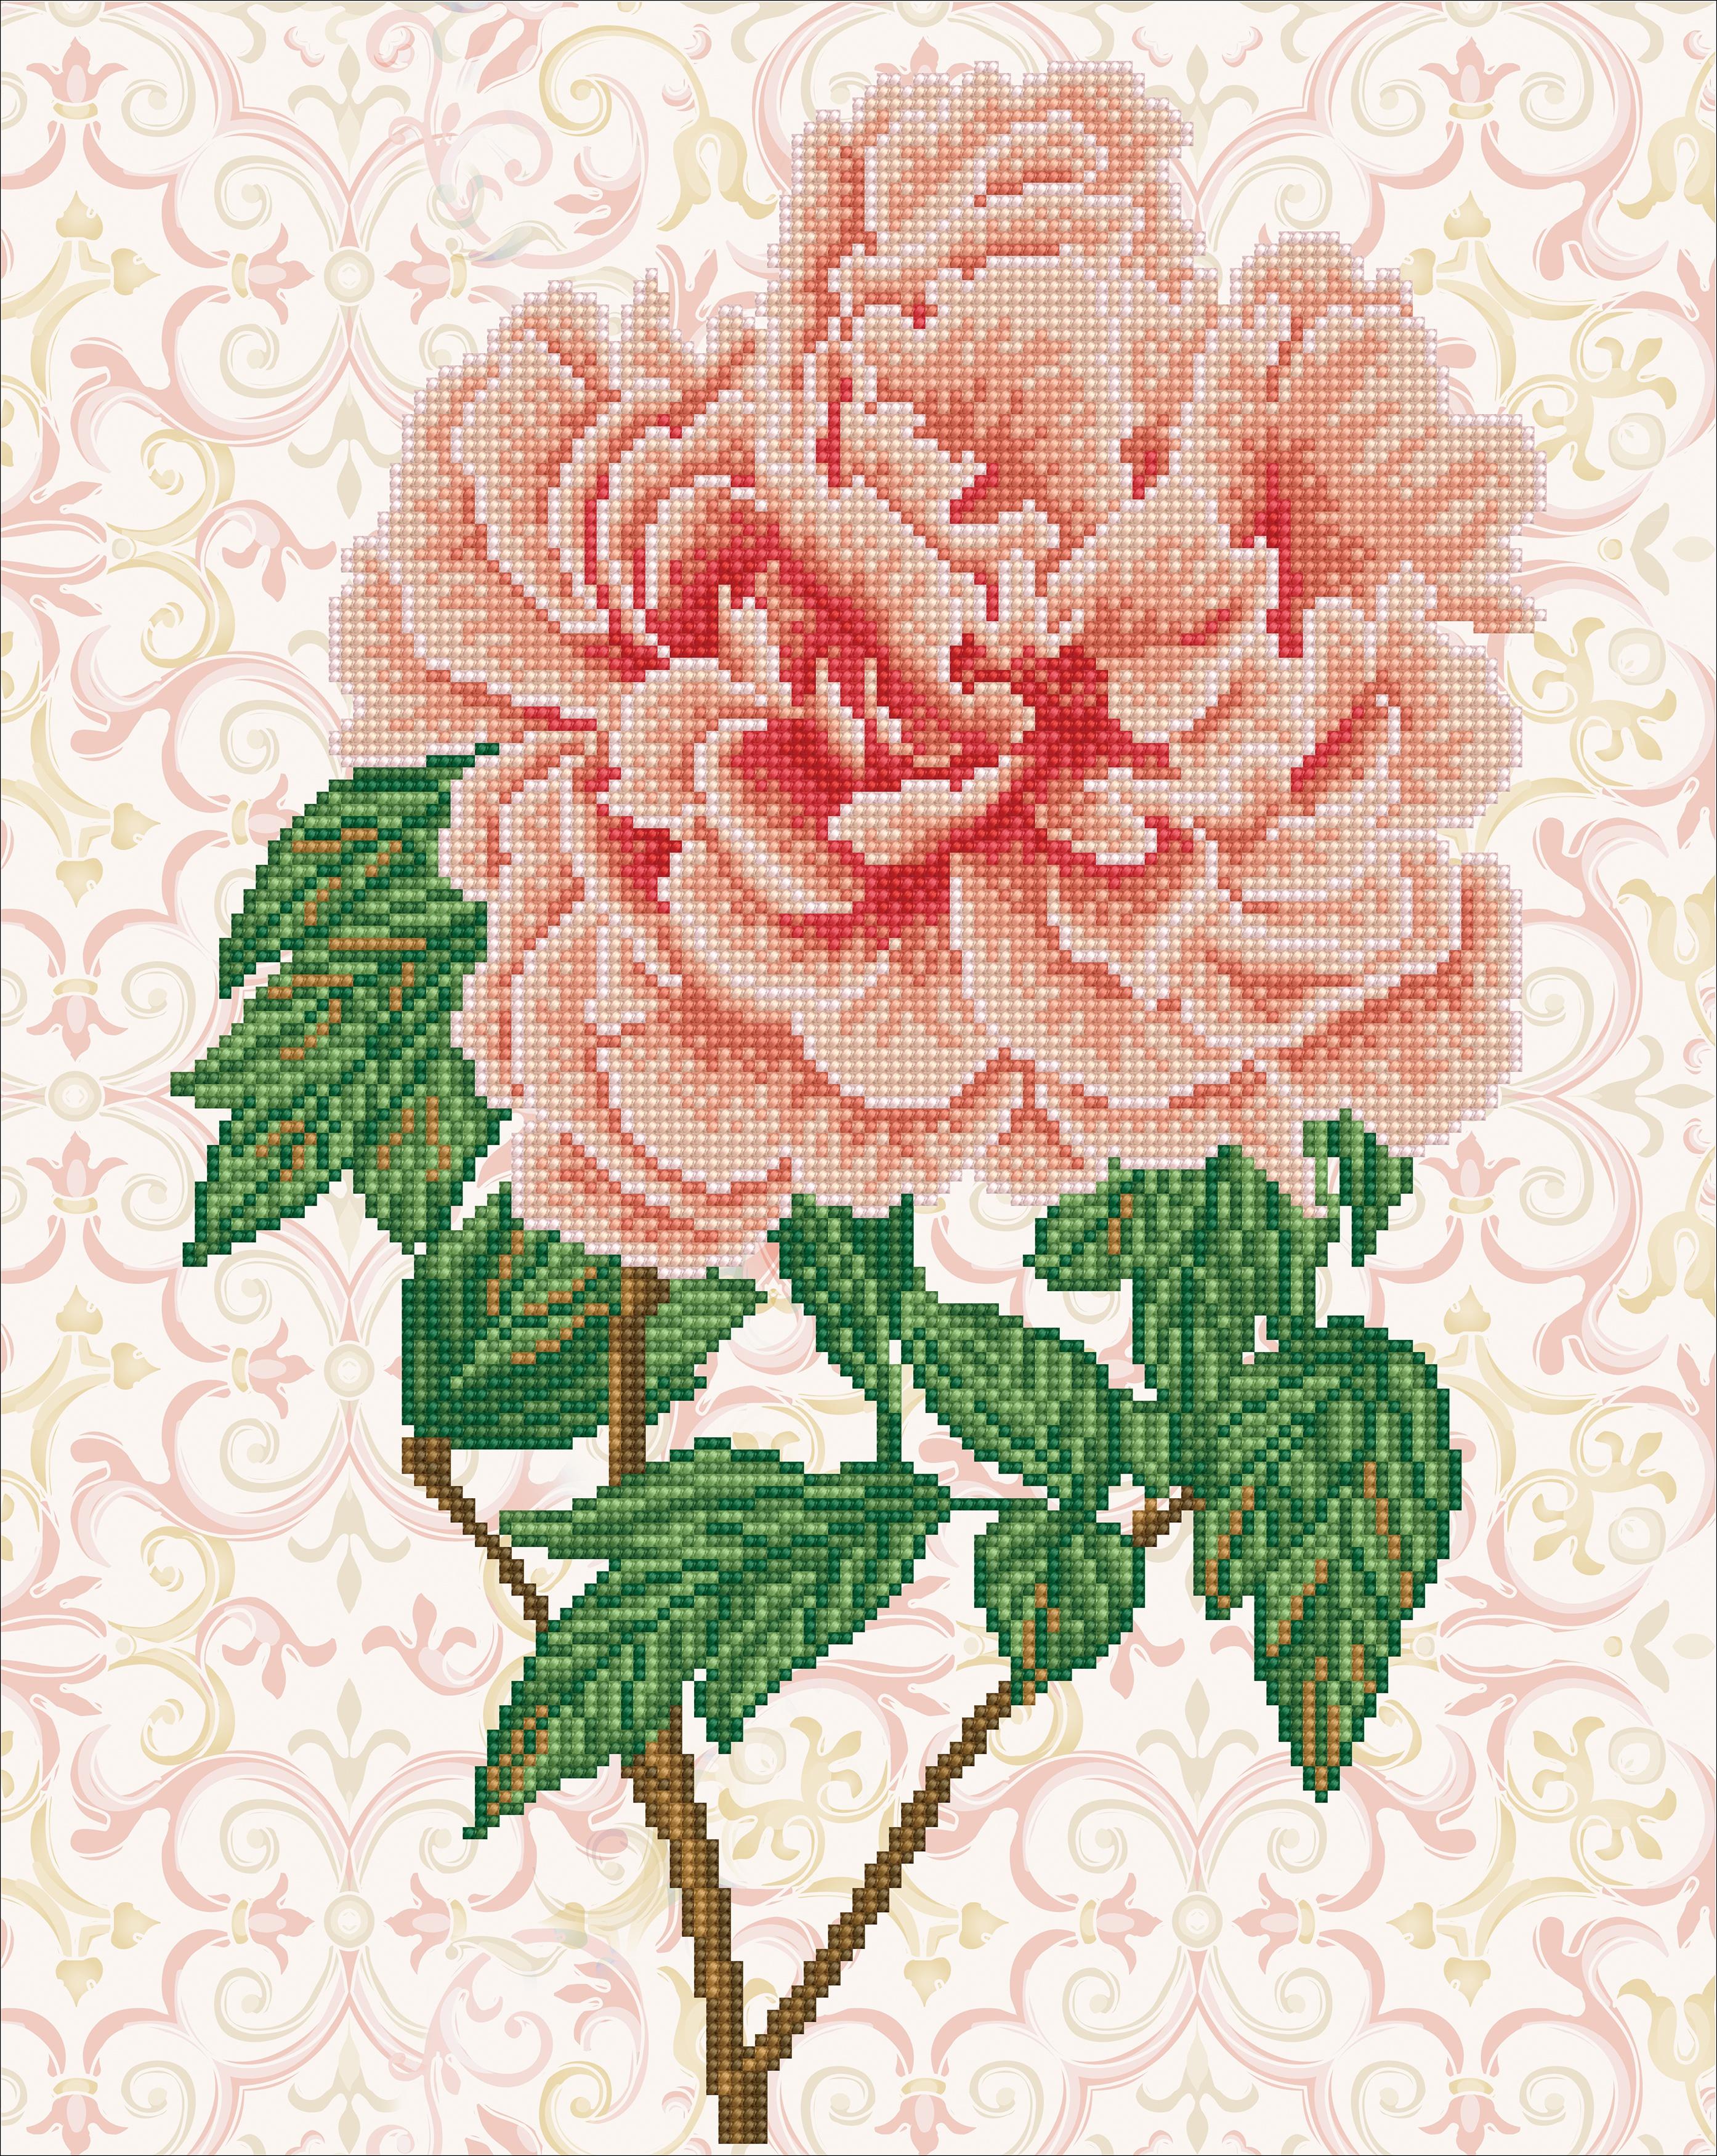 Diamond Dotz Diamond Embroidery Facet Art Kit 15.8X19.7-Rose Blush